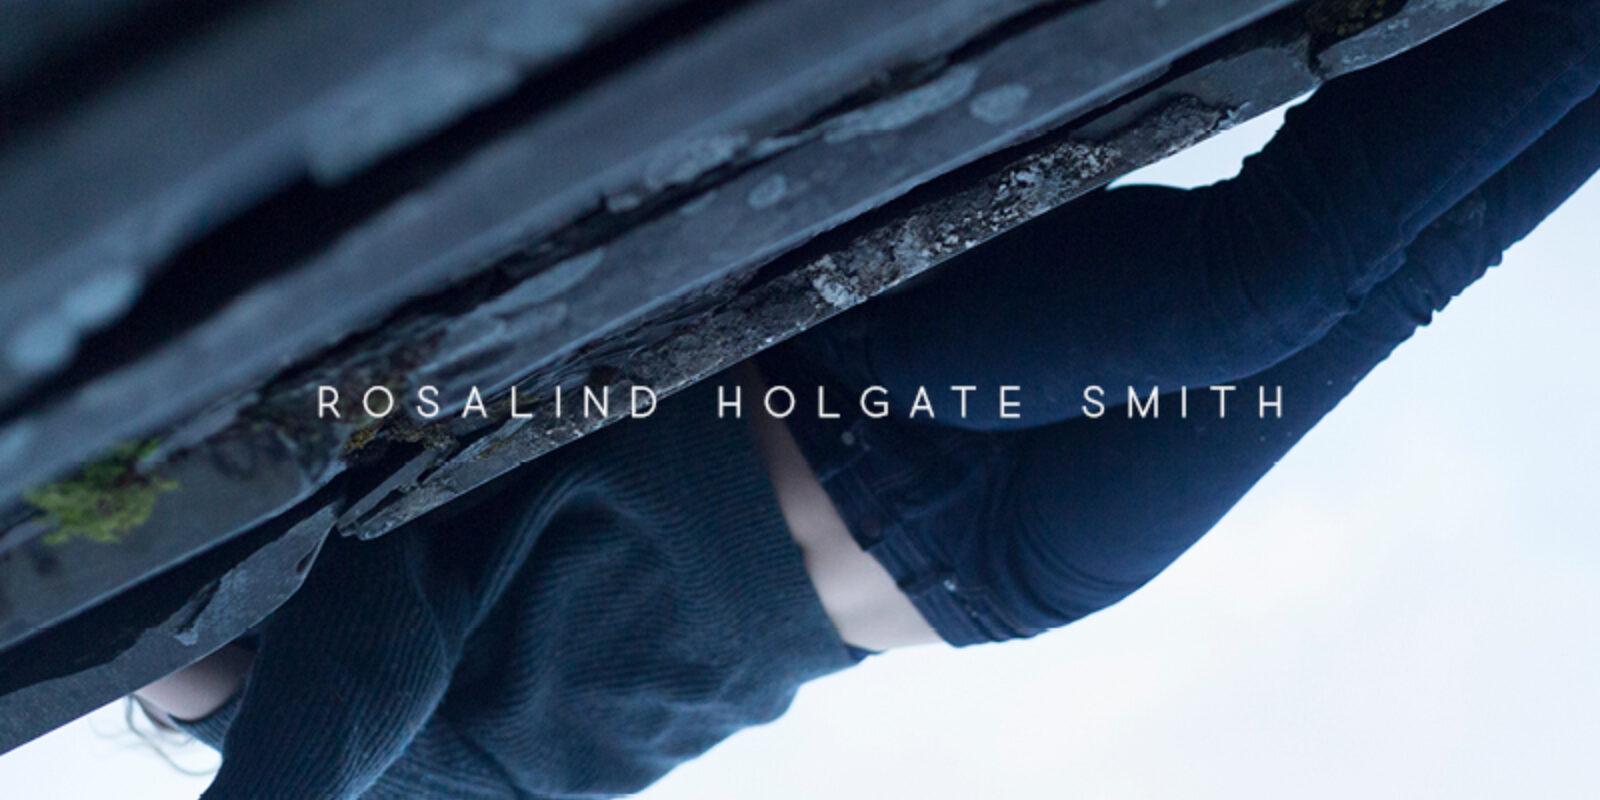 Rosalind Holgate Smith